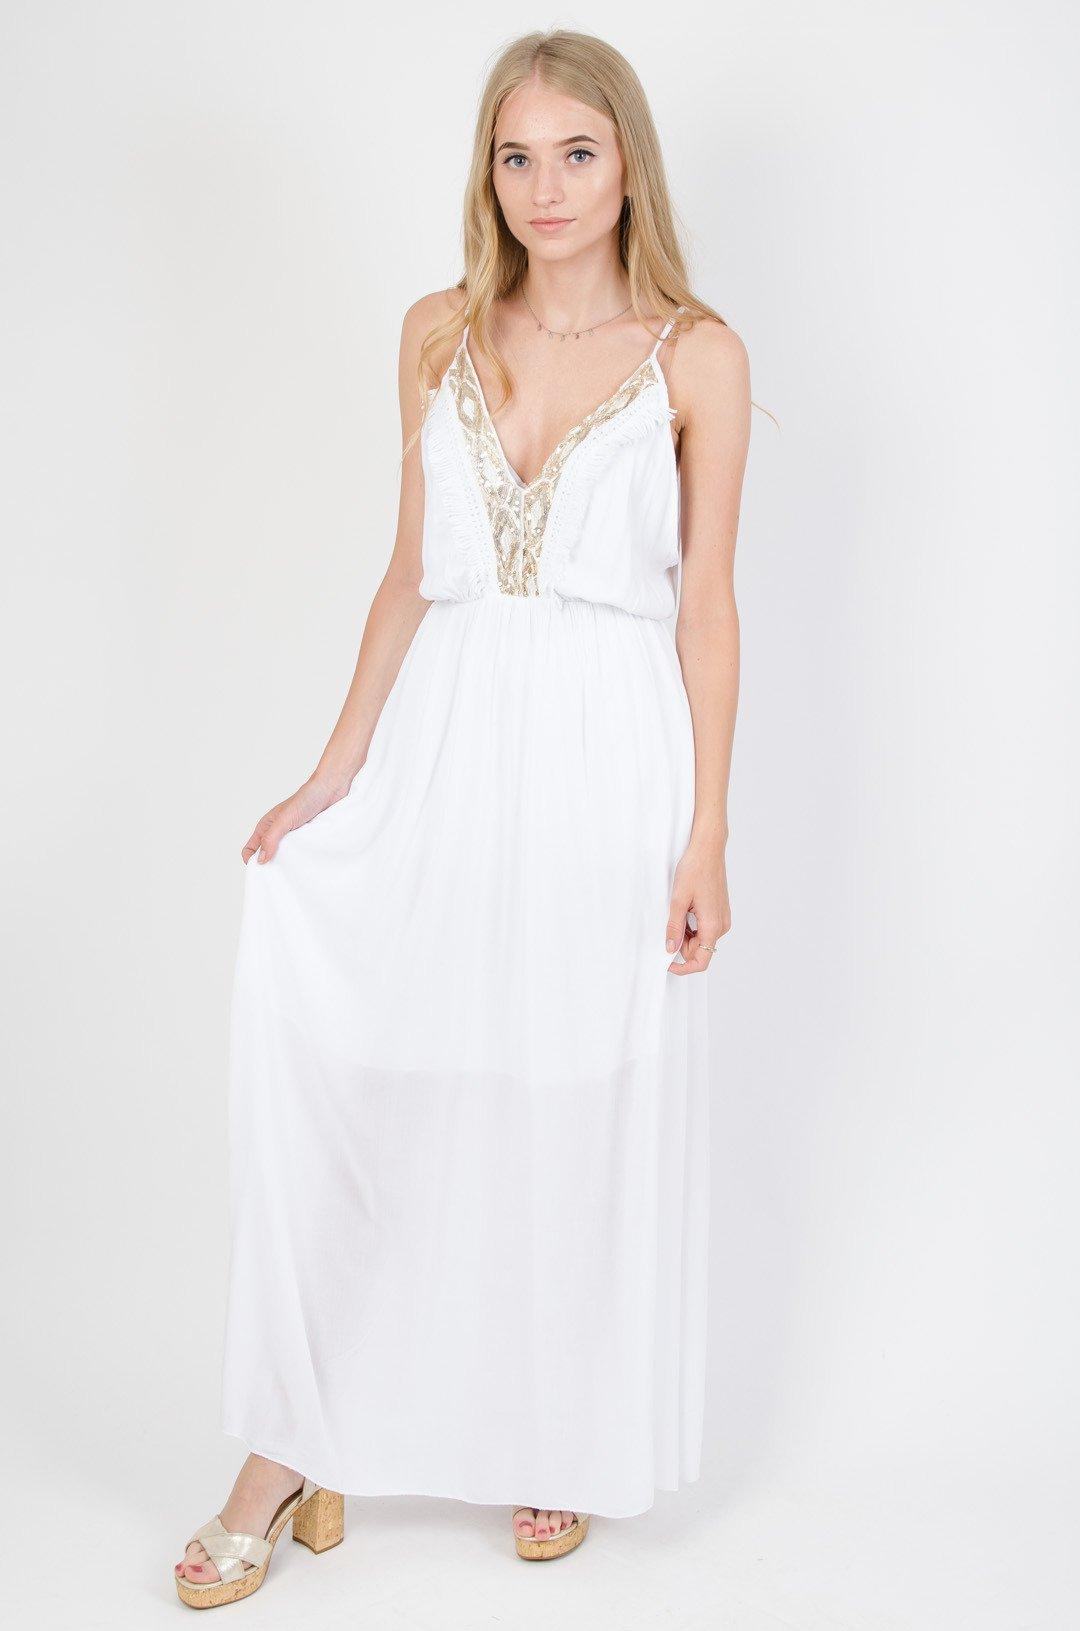 fa42ec09def Biała długa sukienka obszyta cekinami   NOWOŚCI KOLEKCJA \ Sukienki  KOLEKCJA \ Boho - Olika